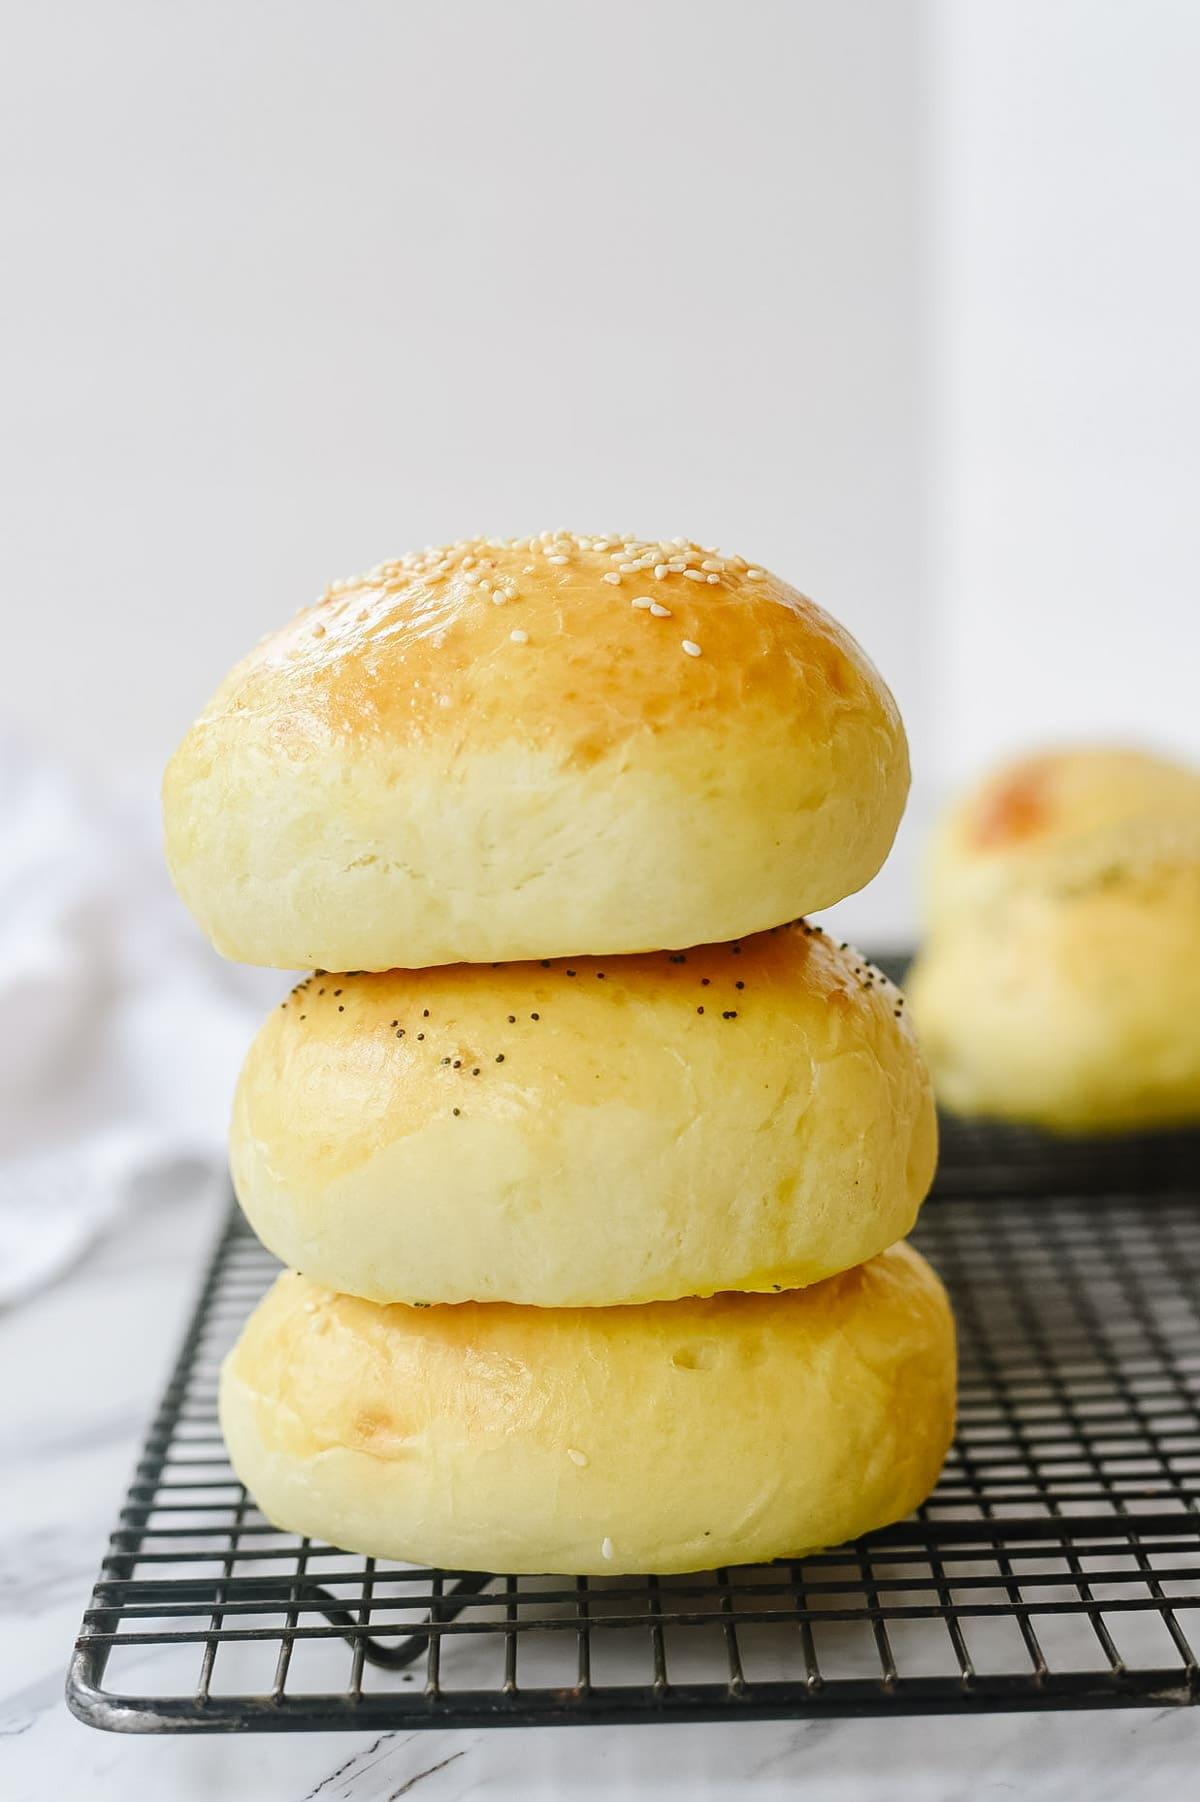 stack of 3 hamburger buns